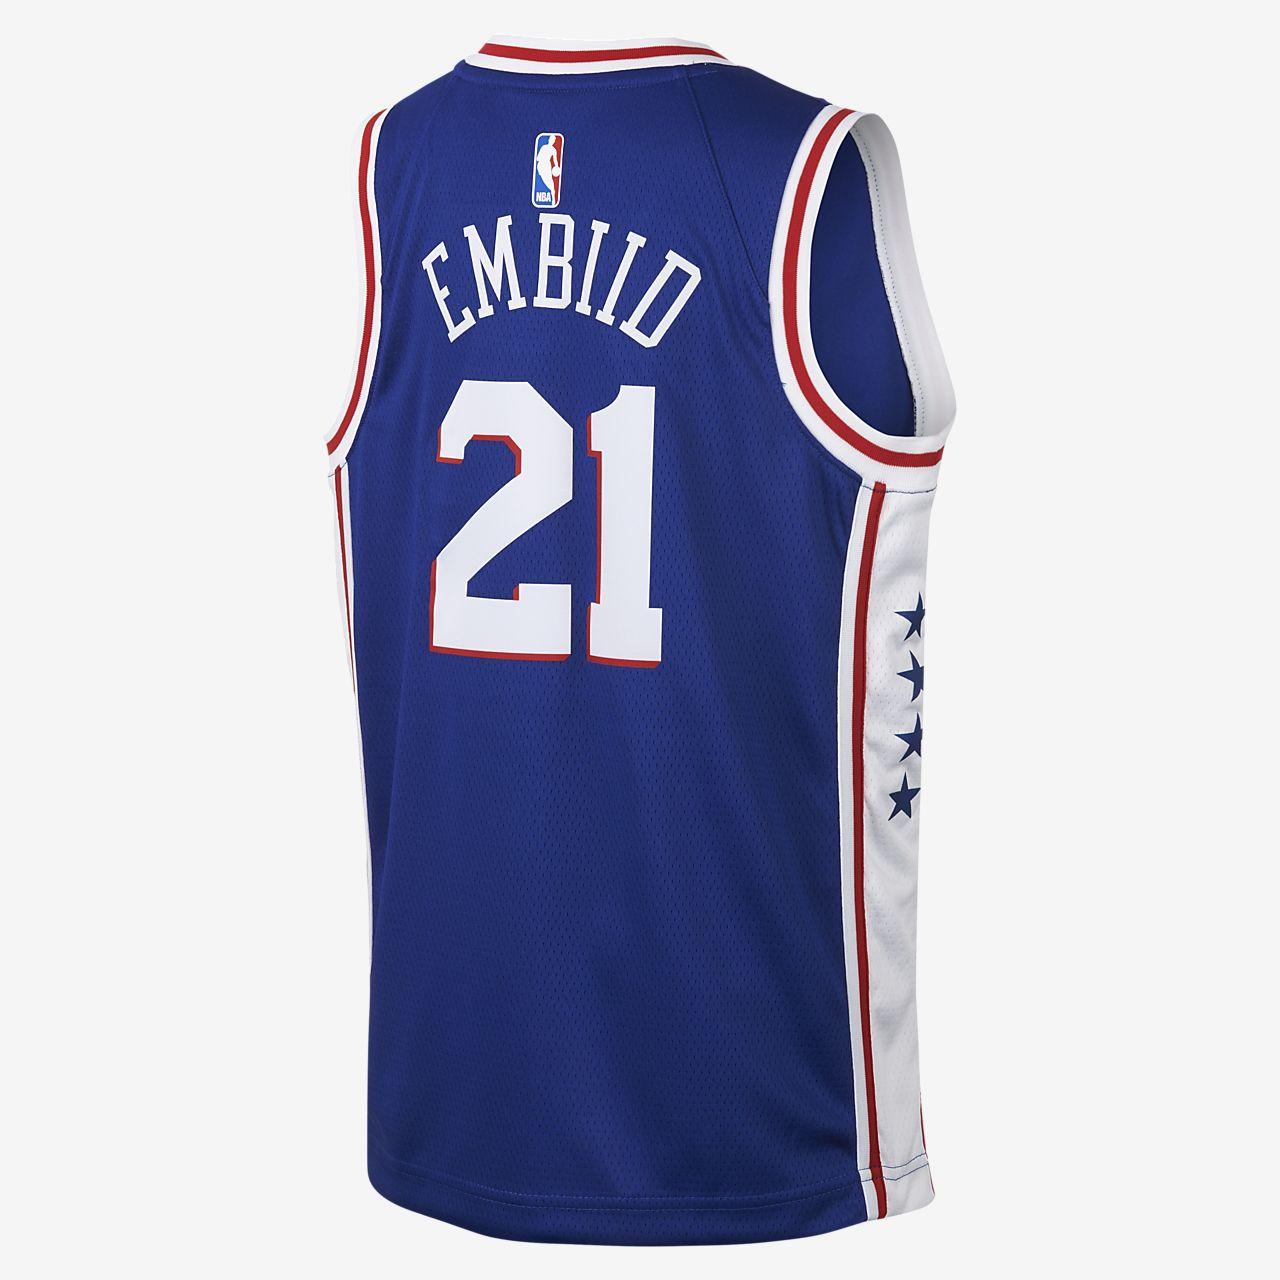 best loved 80d96 245d8 Joel Embiid Philadelphia 76ers Nike Icon Edition Swingman Big Kids' NBA  Jersey